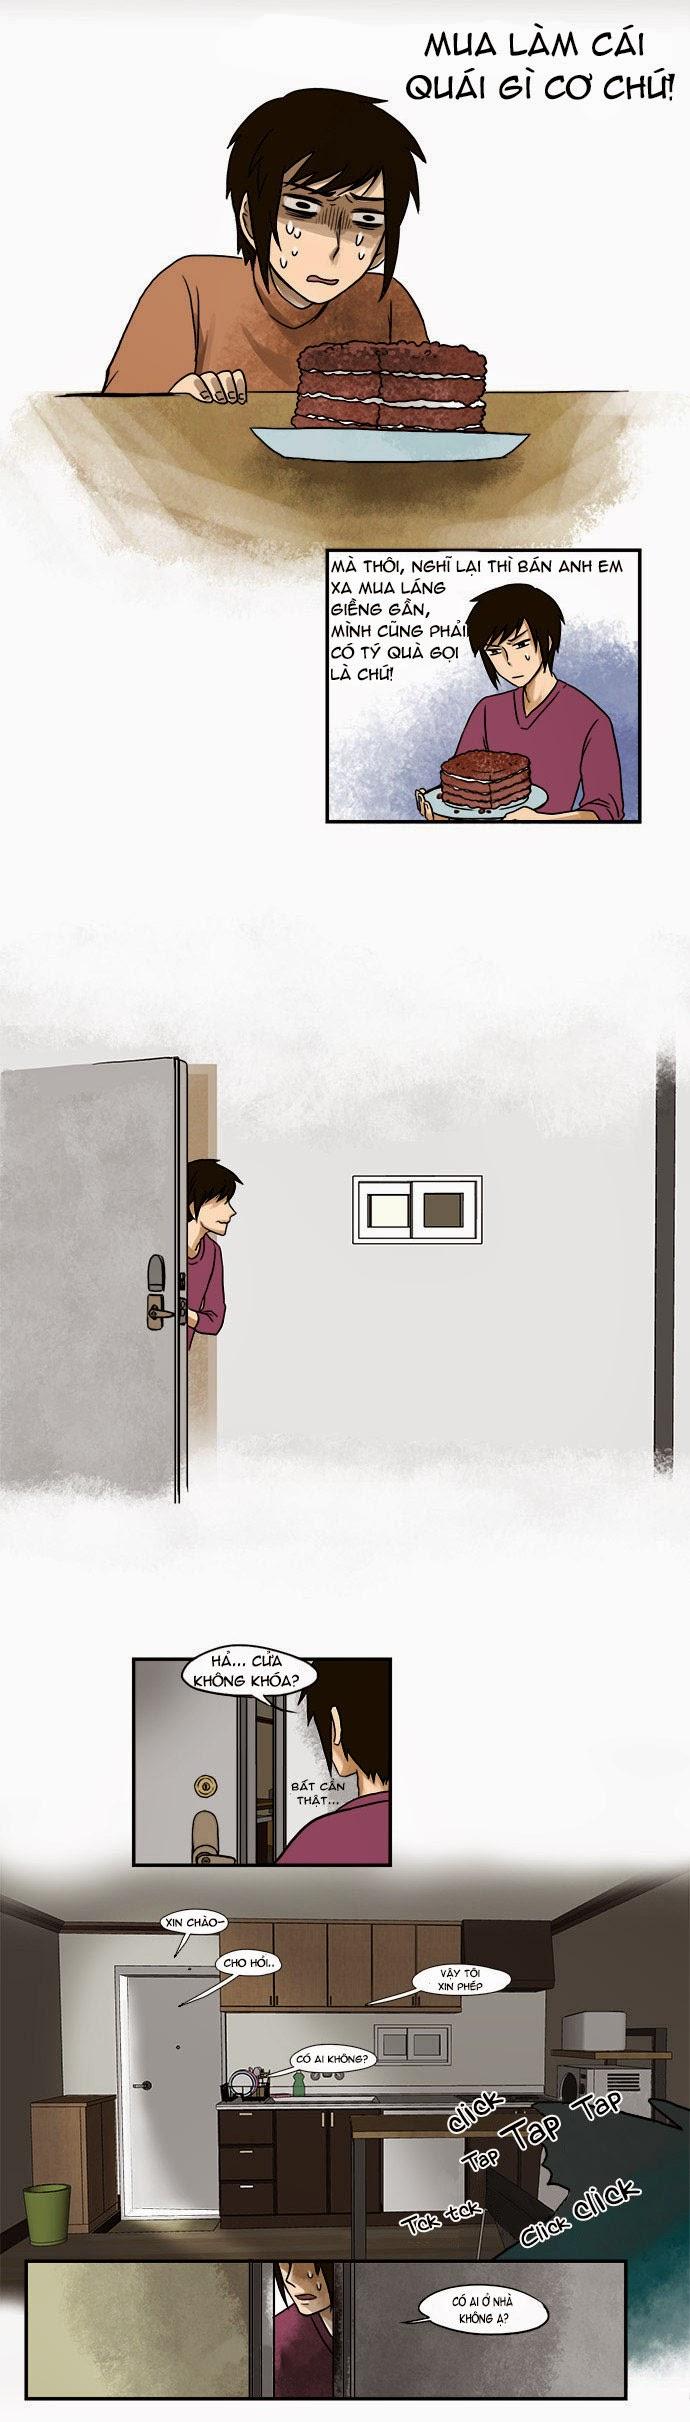 The Dragon Next Door - Hàng Xóm Của Tôi Là Rồng